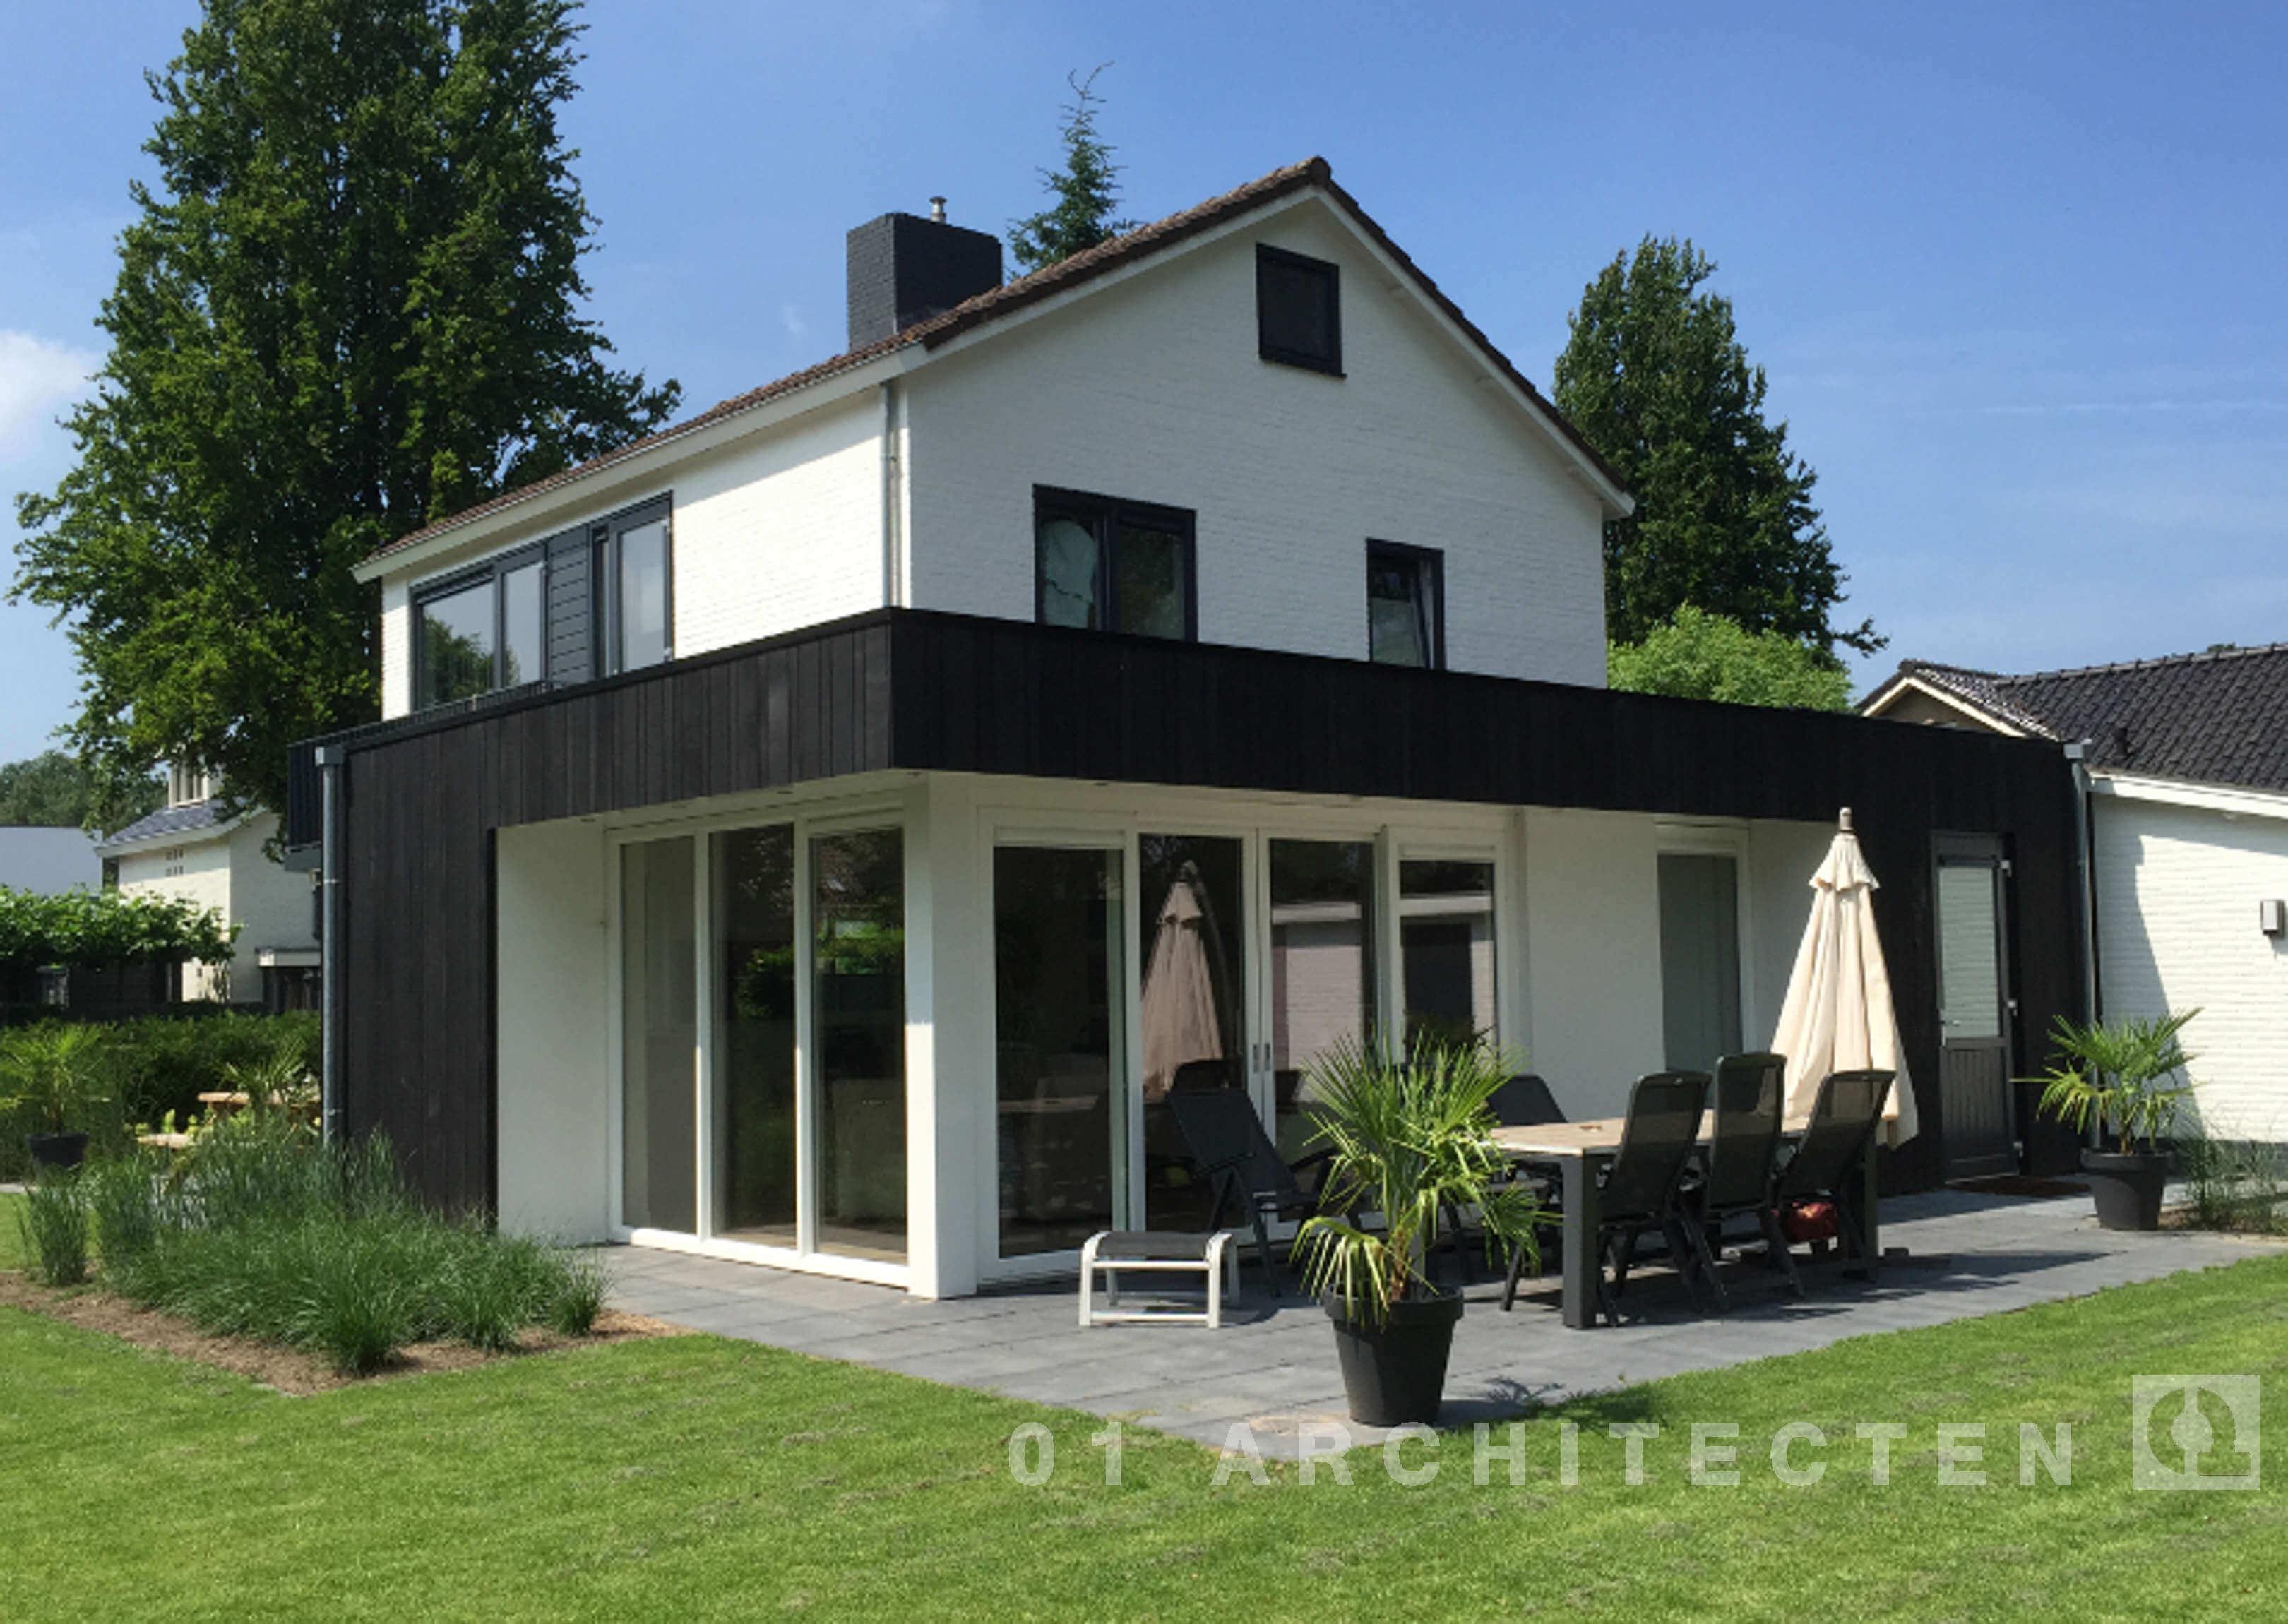 Foto 39 s woningen en villa 39 s verbouw 01 architecten for Bouwkosten huis